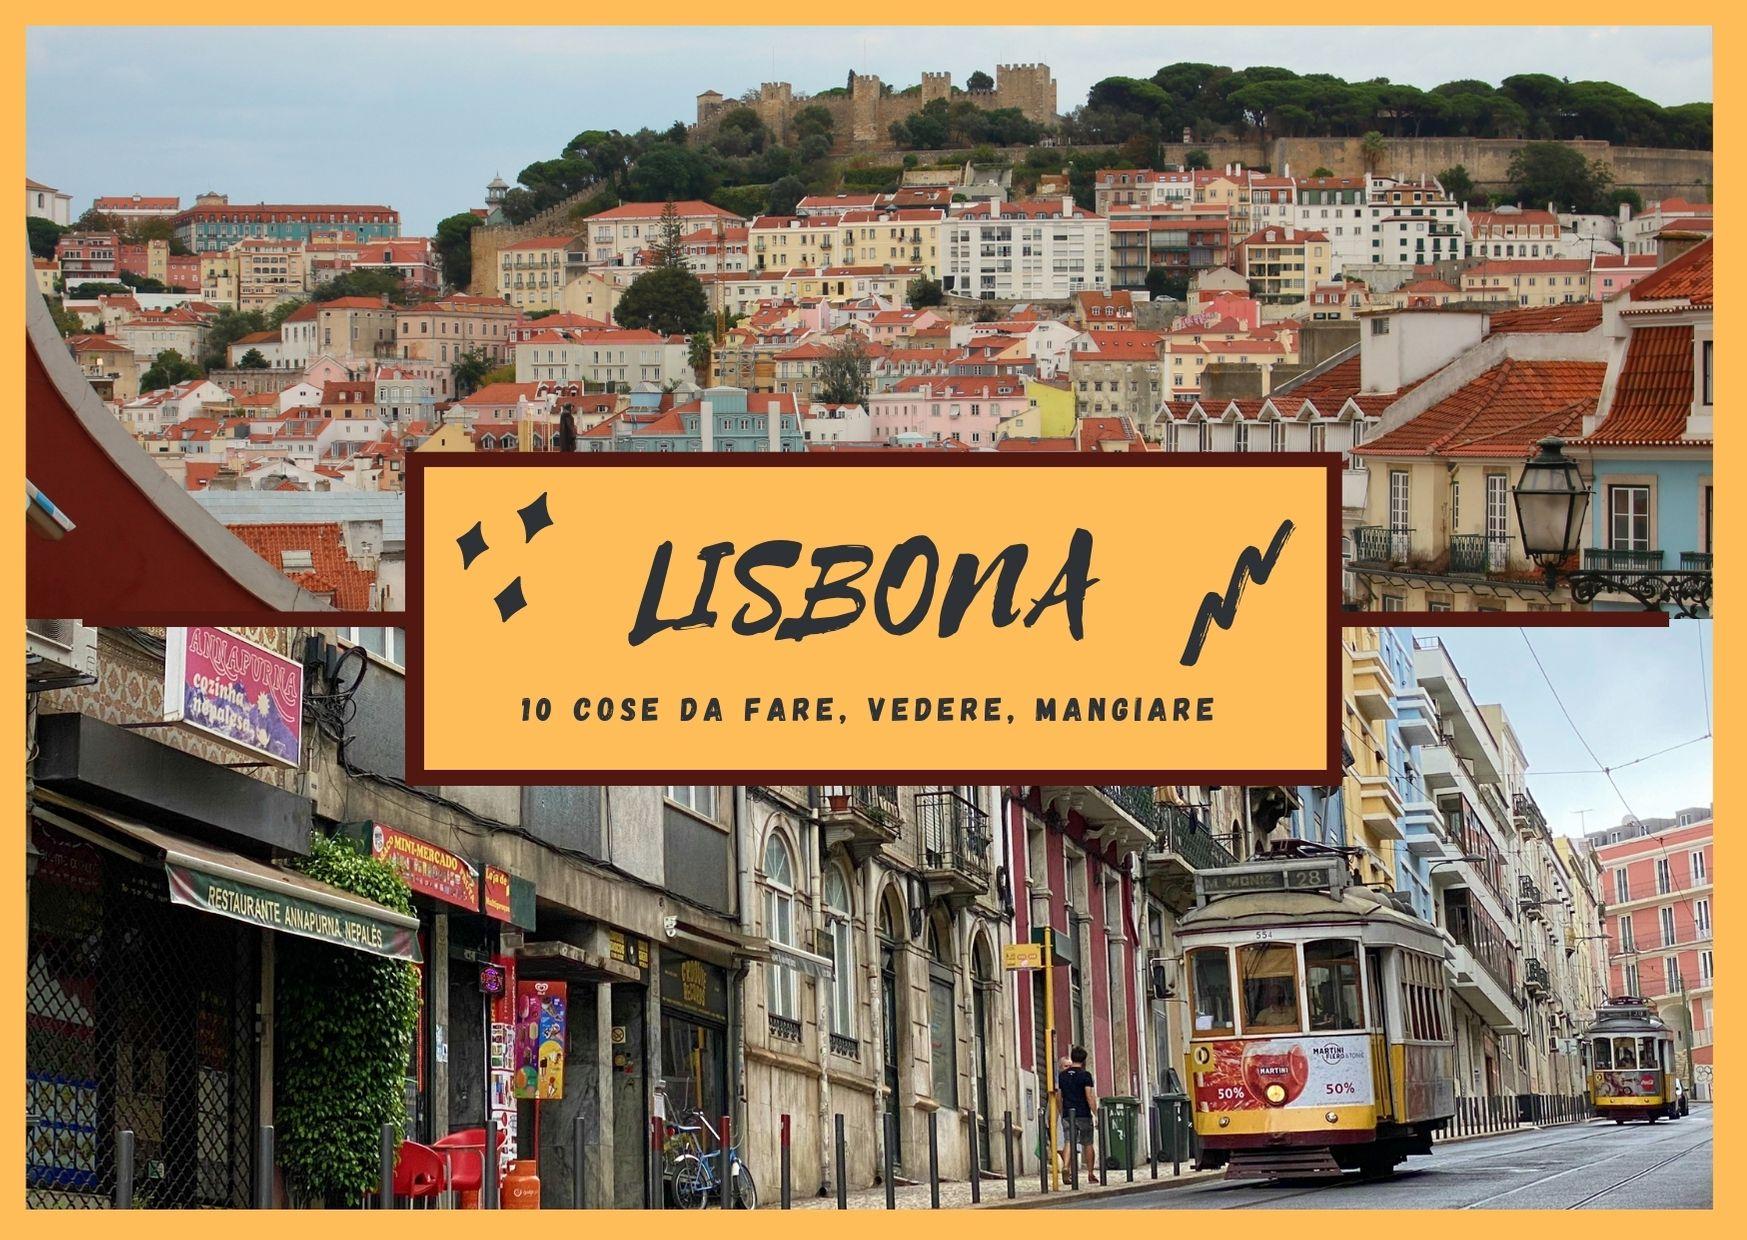 Lisbona: 10 cose da fare, vedere, mangiare.